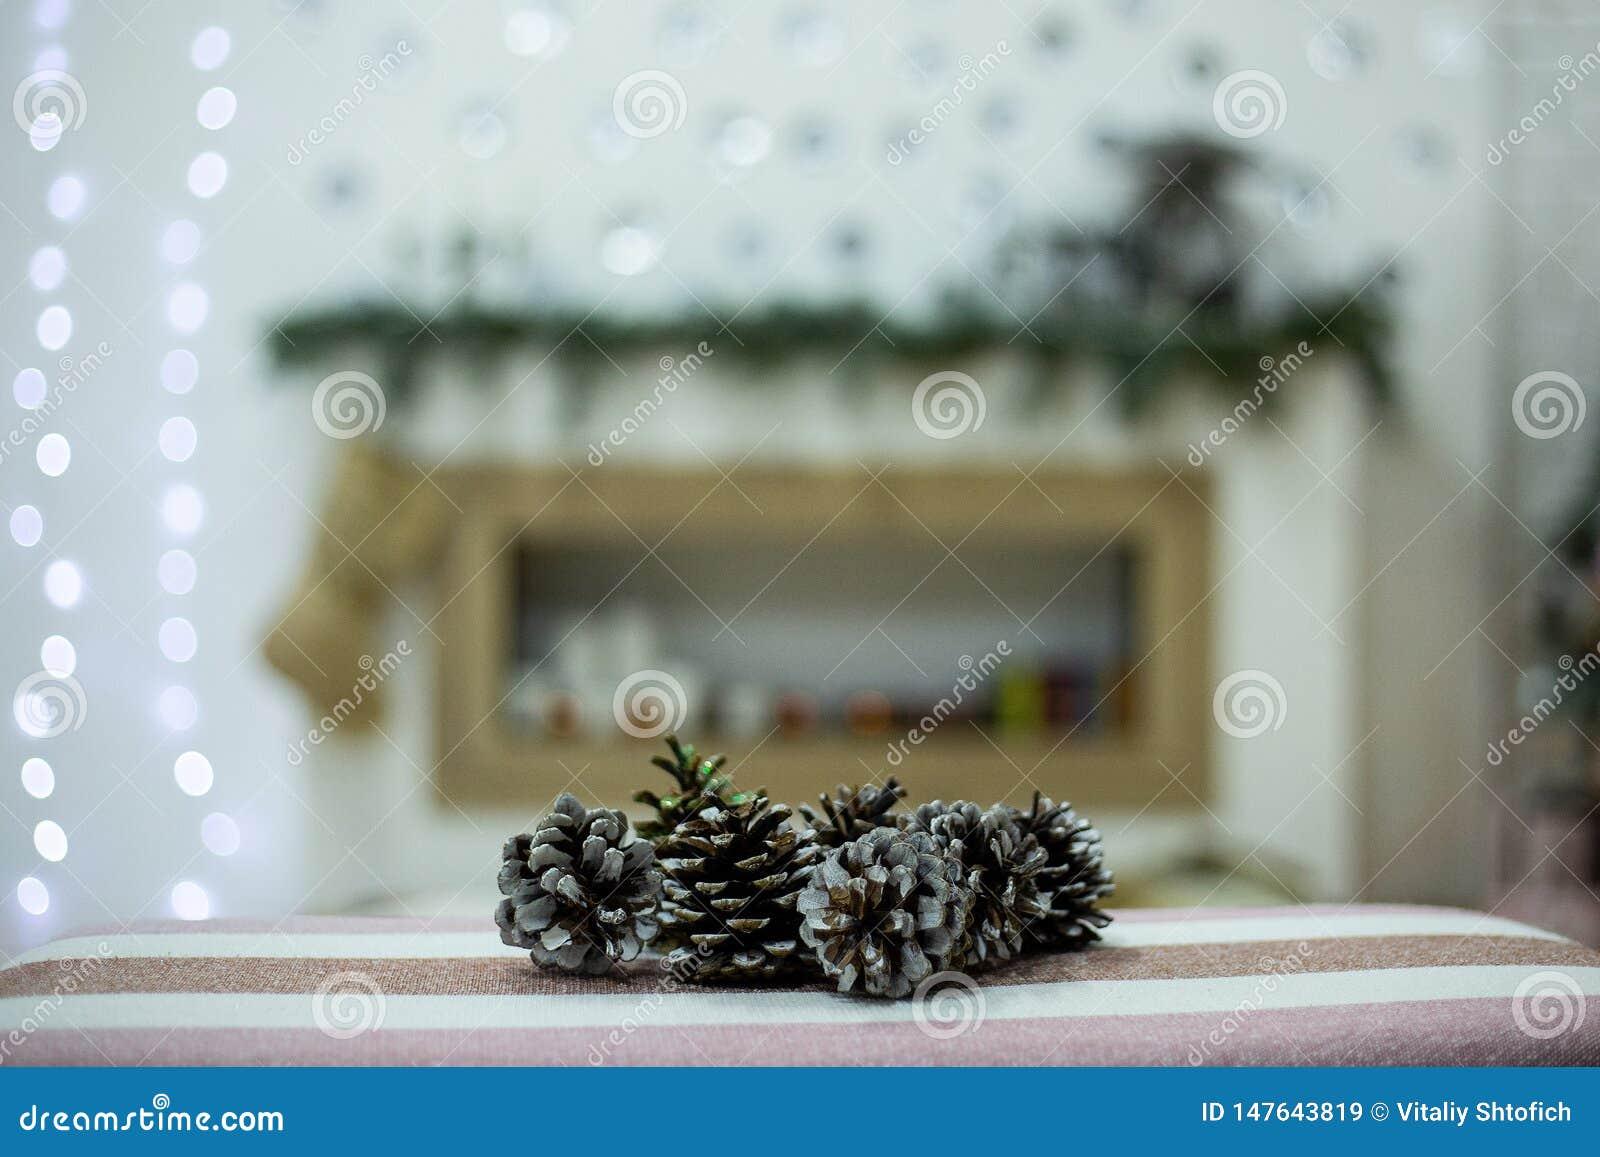 Stöße auf einem Weihnachtshintergrund